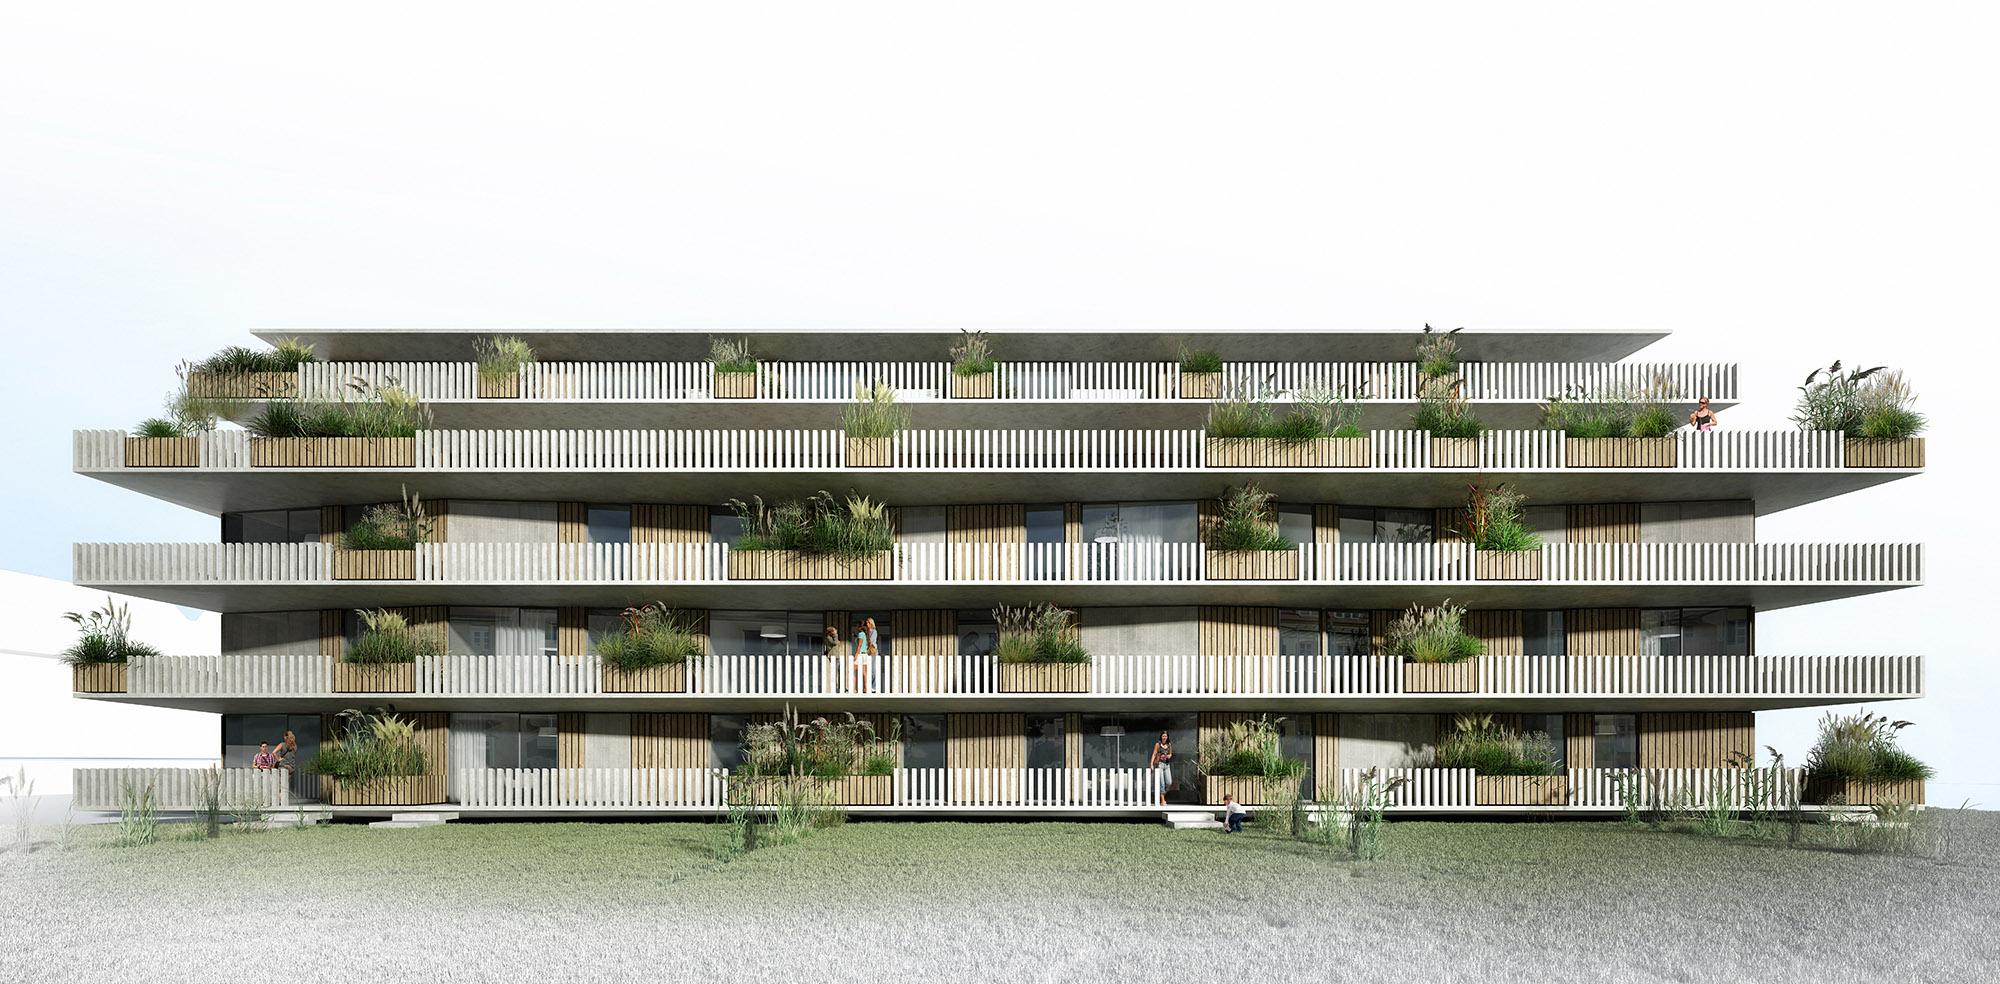 2.Preis Wettbewerb Grillparzerstraße